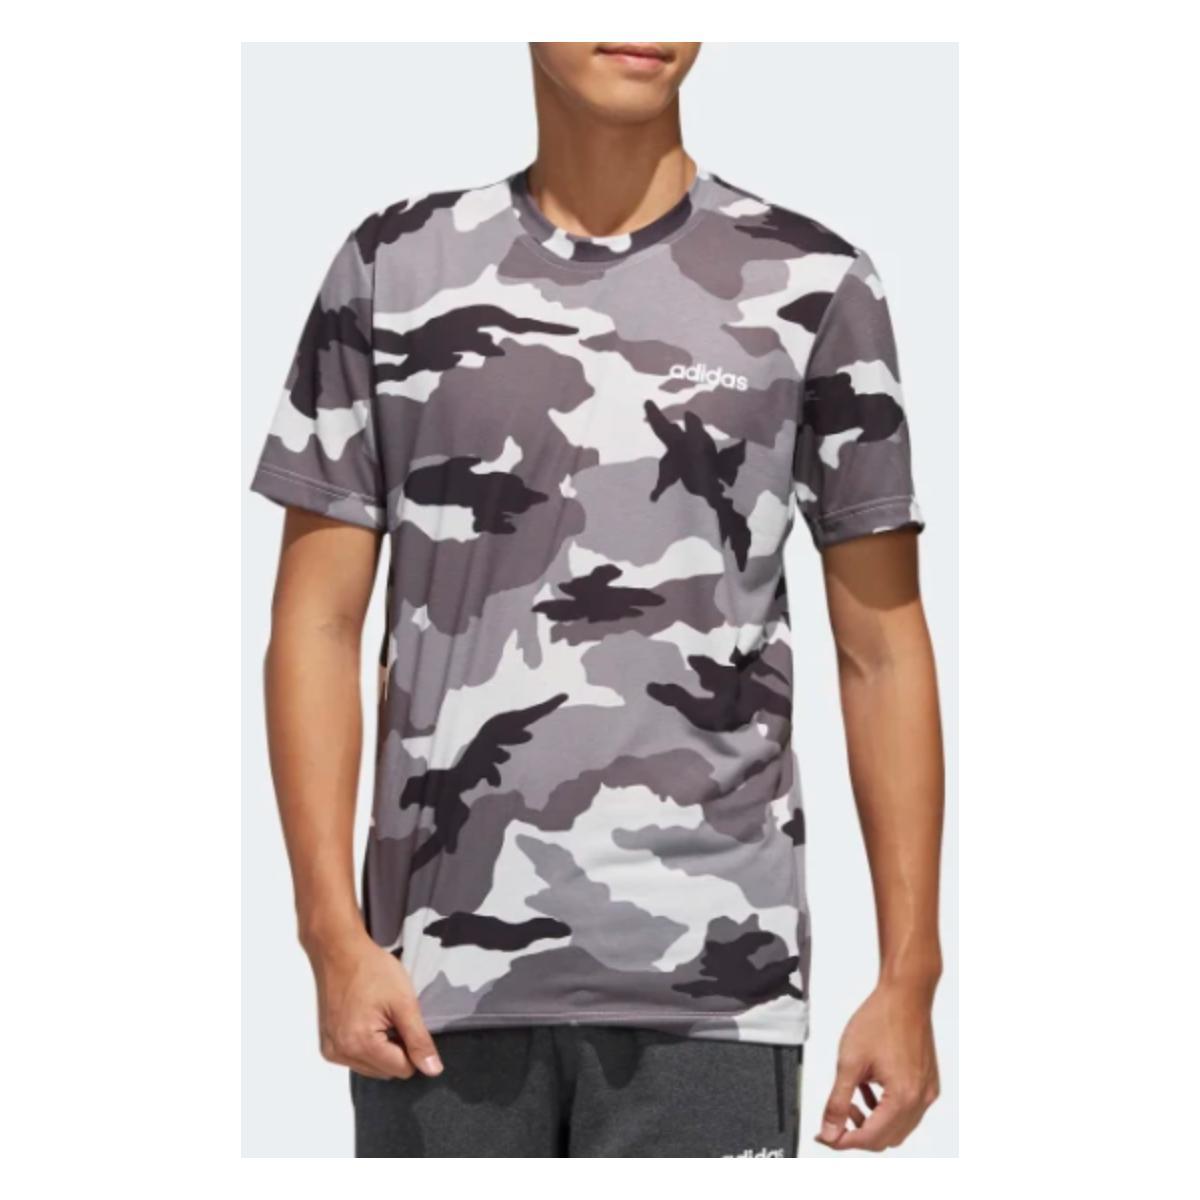 Camiseta Masculina Adidas Fl0279 m Aop Camuflada